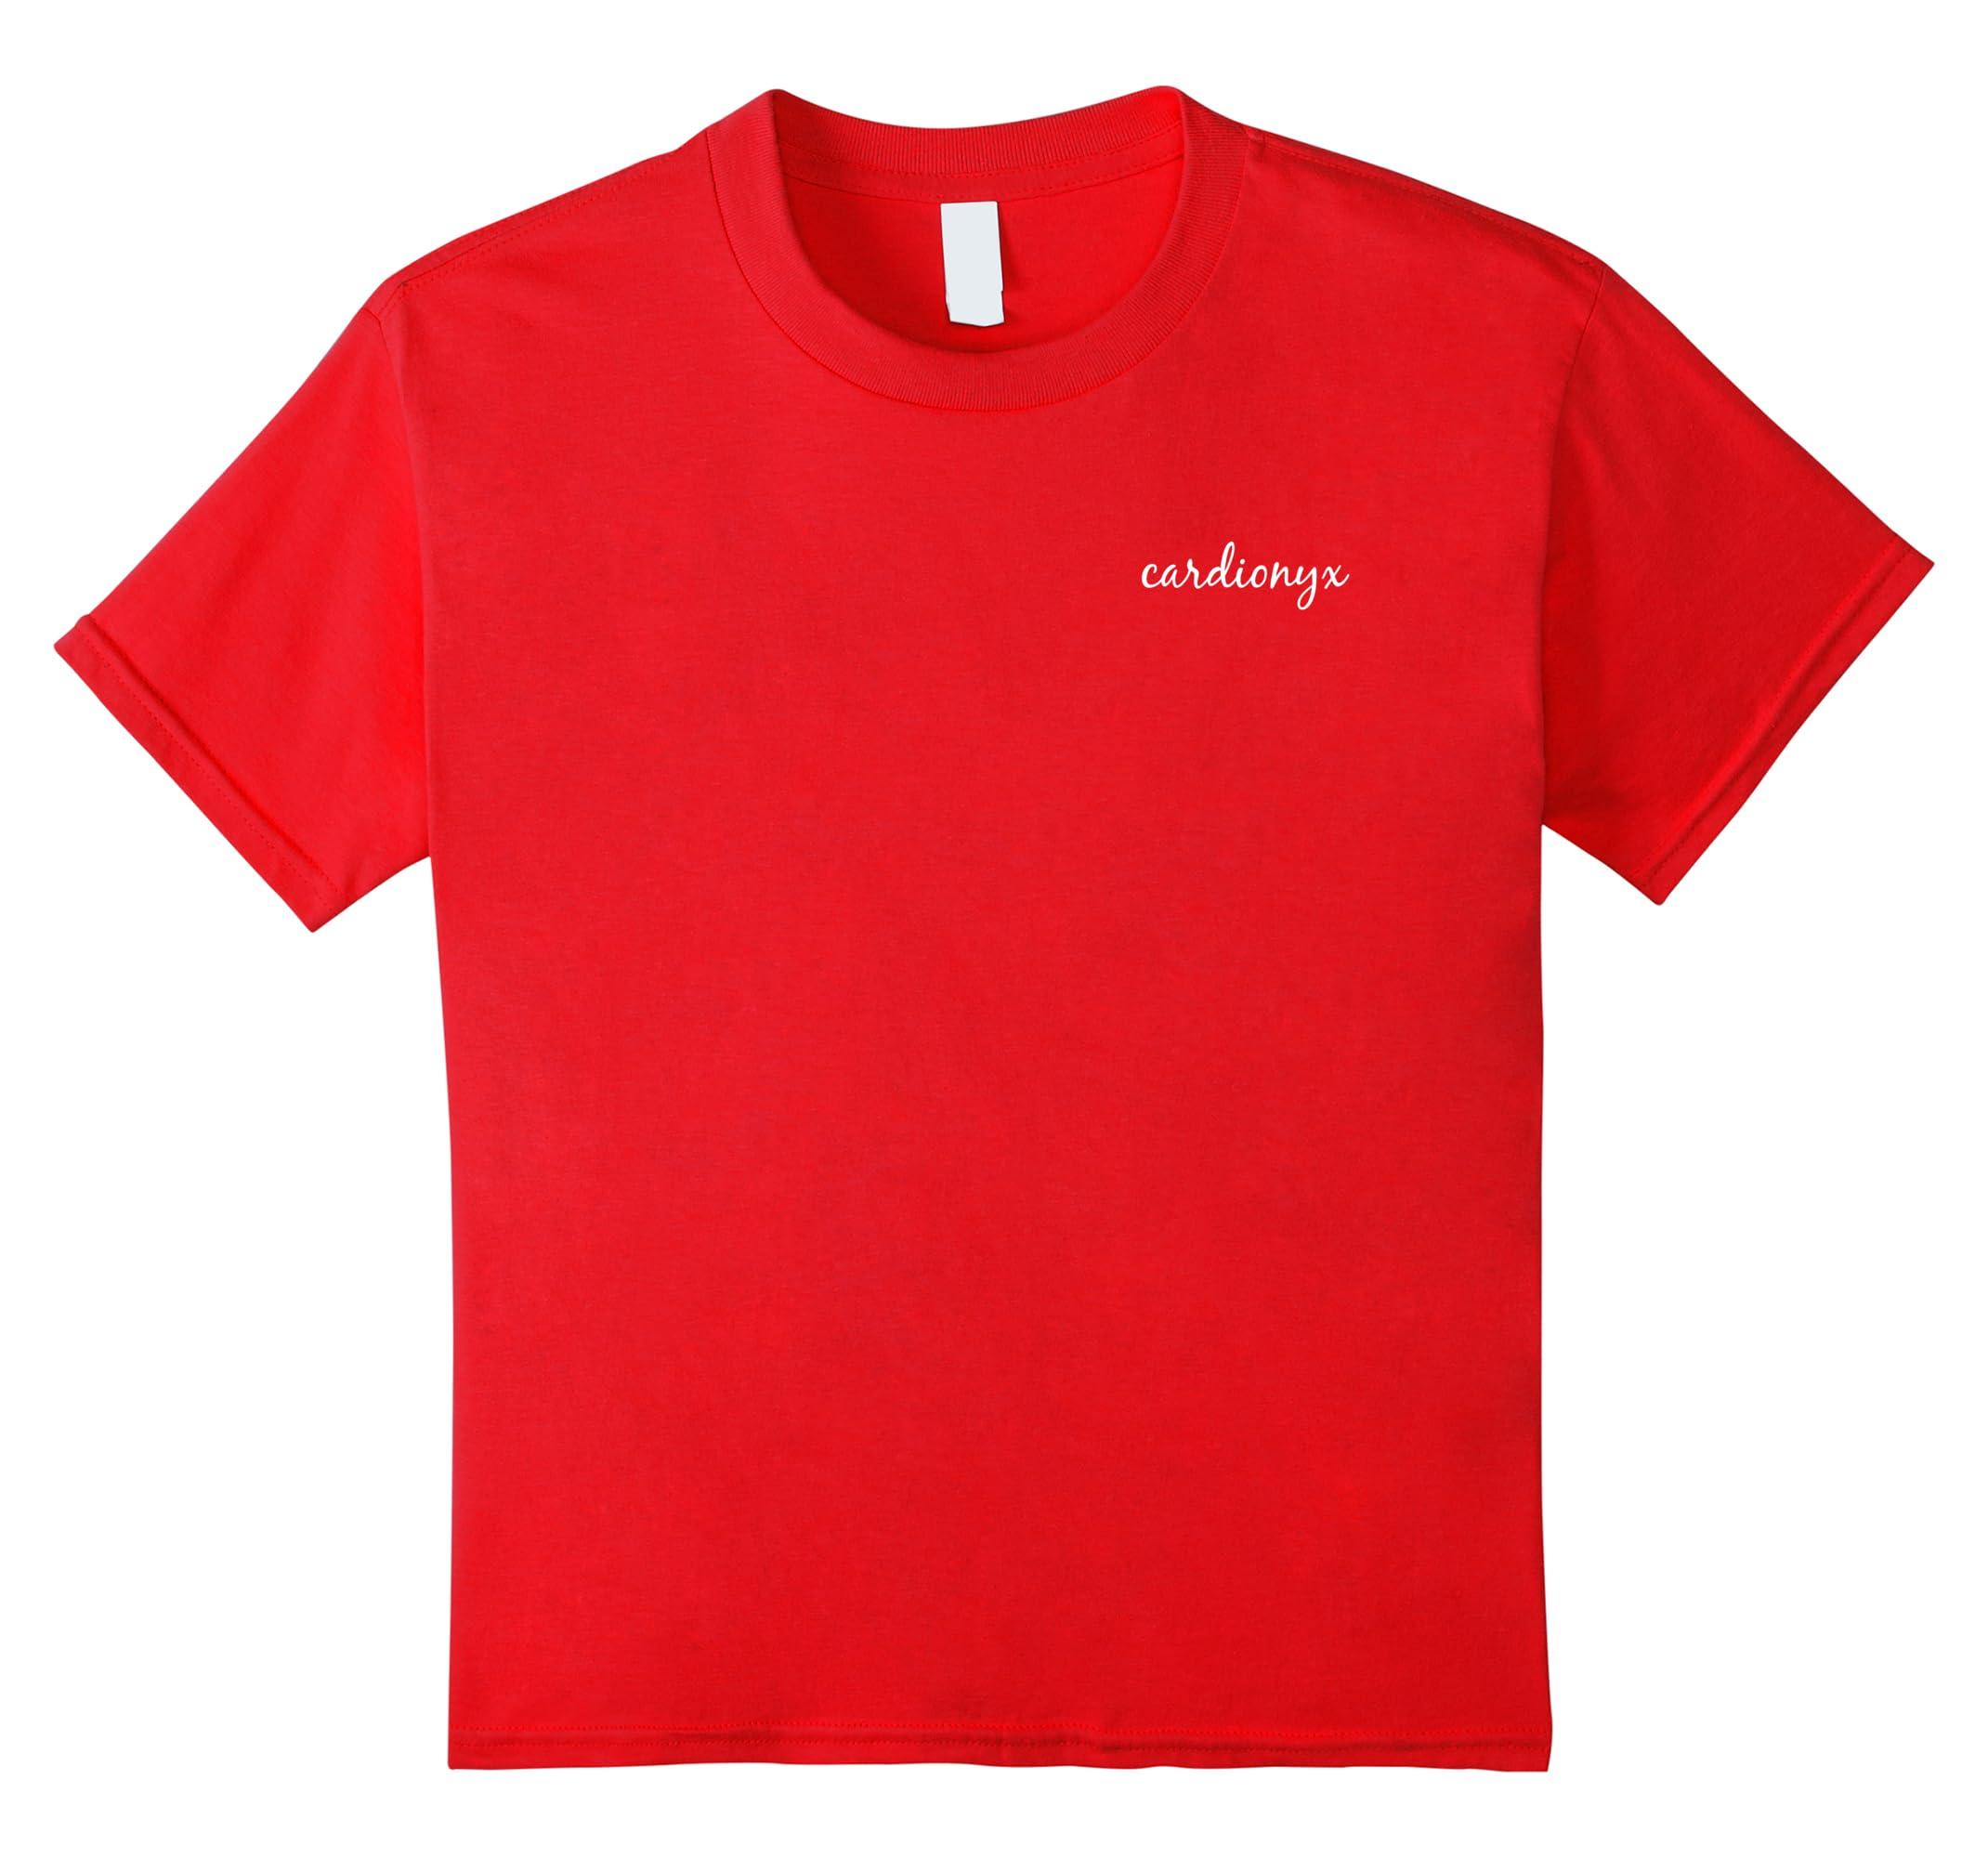 Cardionyx Fitness Workout Activewear T Shirt-Awarplus